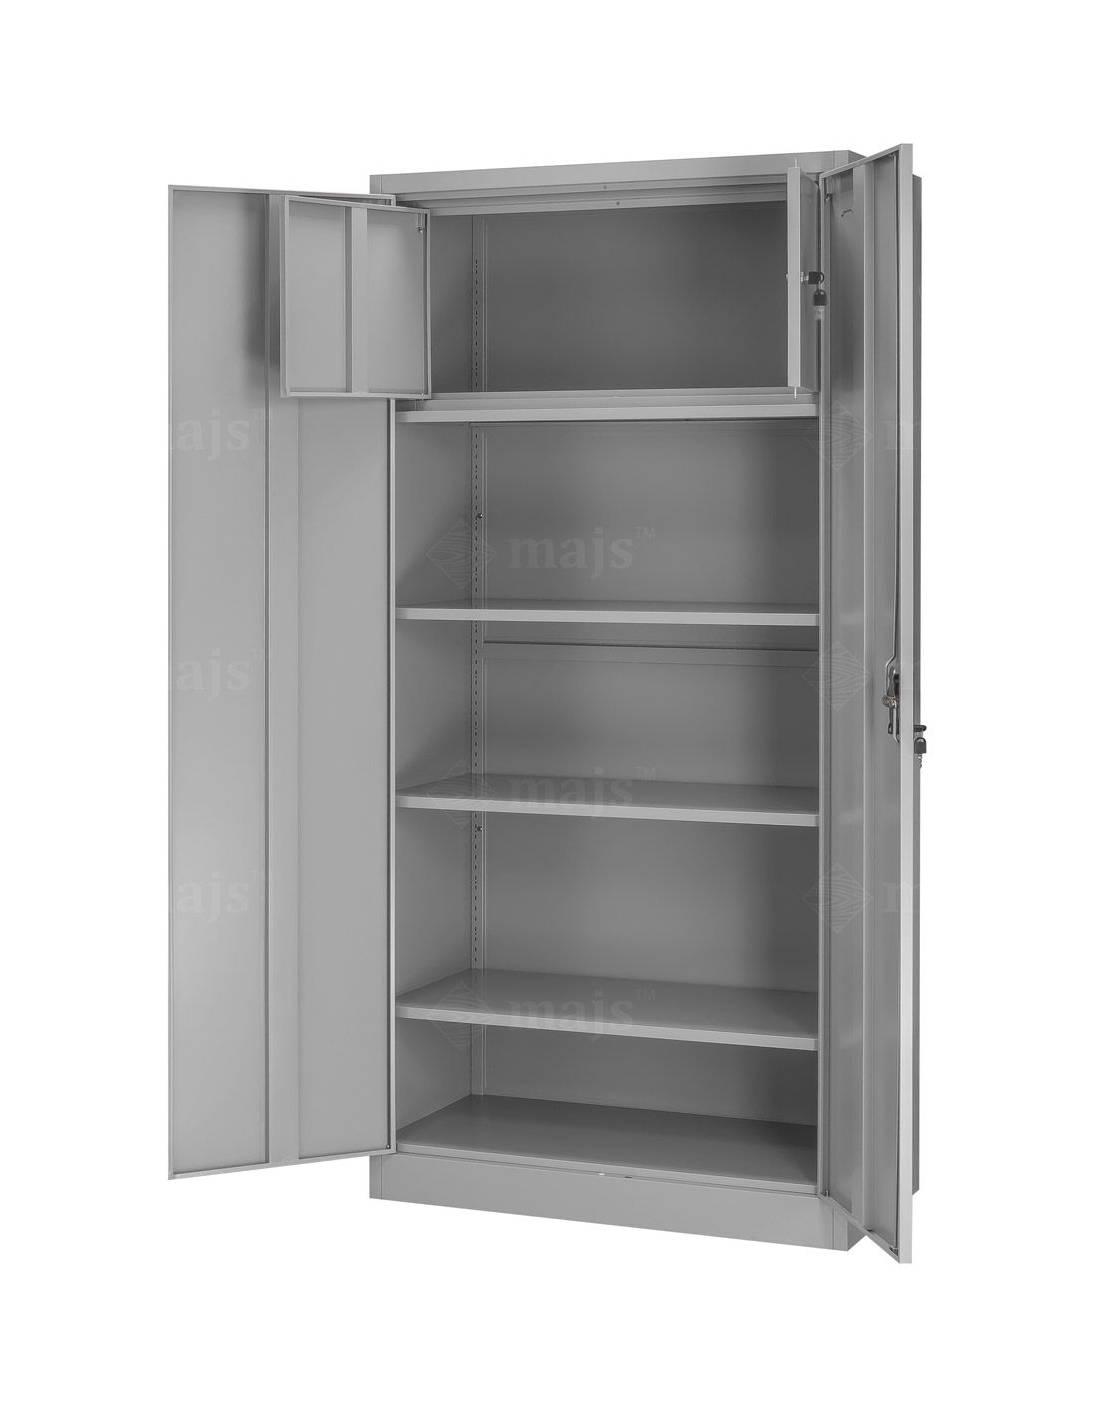 Metalowa, biurowa szafa dwudrzwiowa z półkami i szafką wewnętrzną